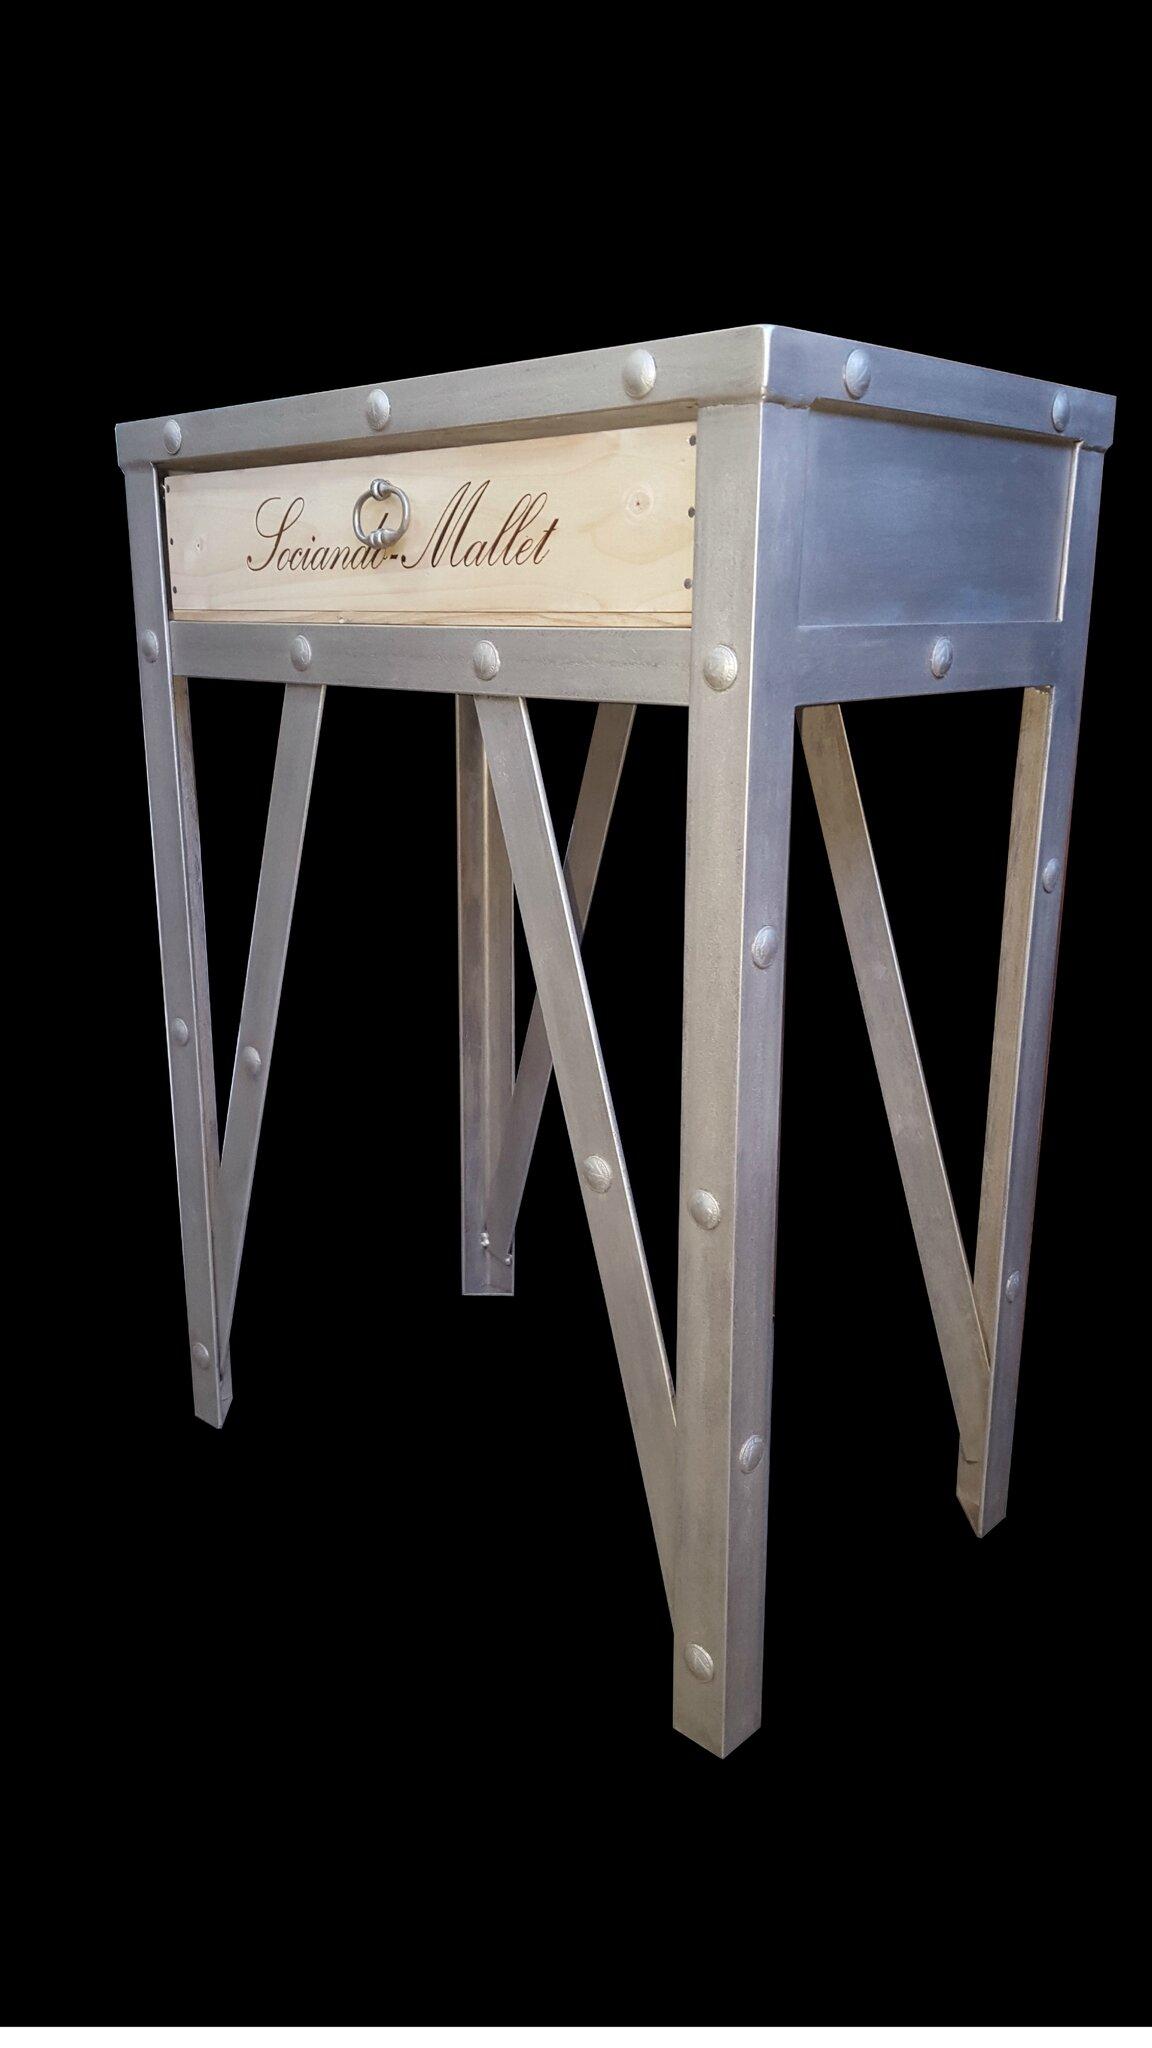 meuble caisses de vins stockages bouteilles de vins. Black Bedroom Furniture Sets. Home Design Ideas